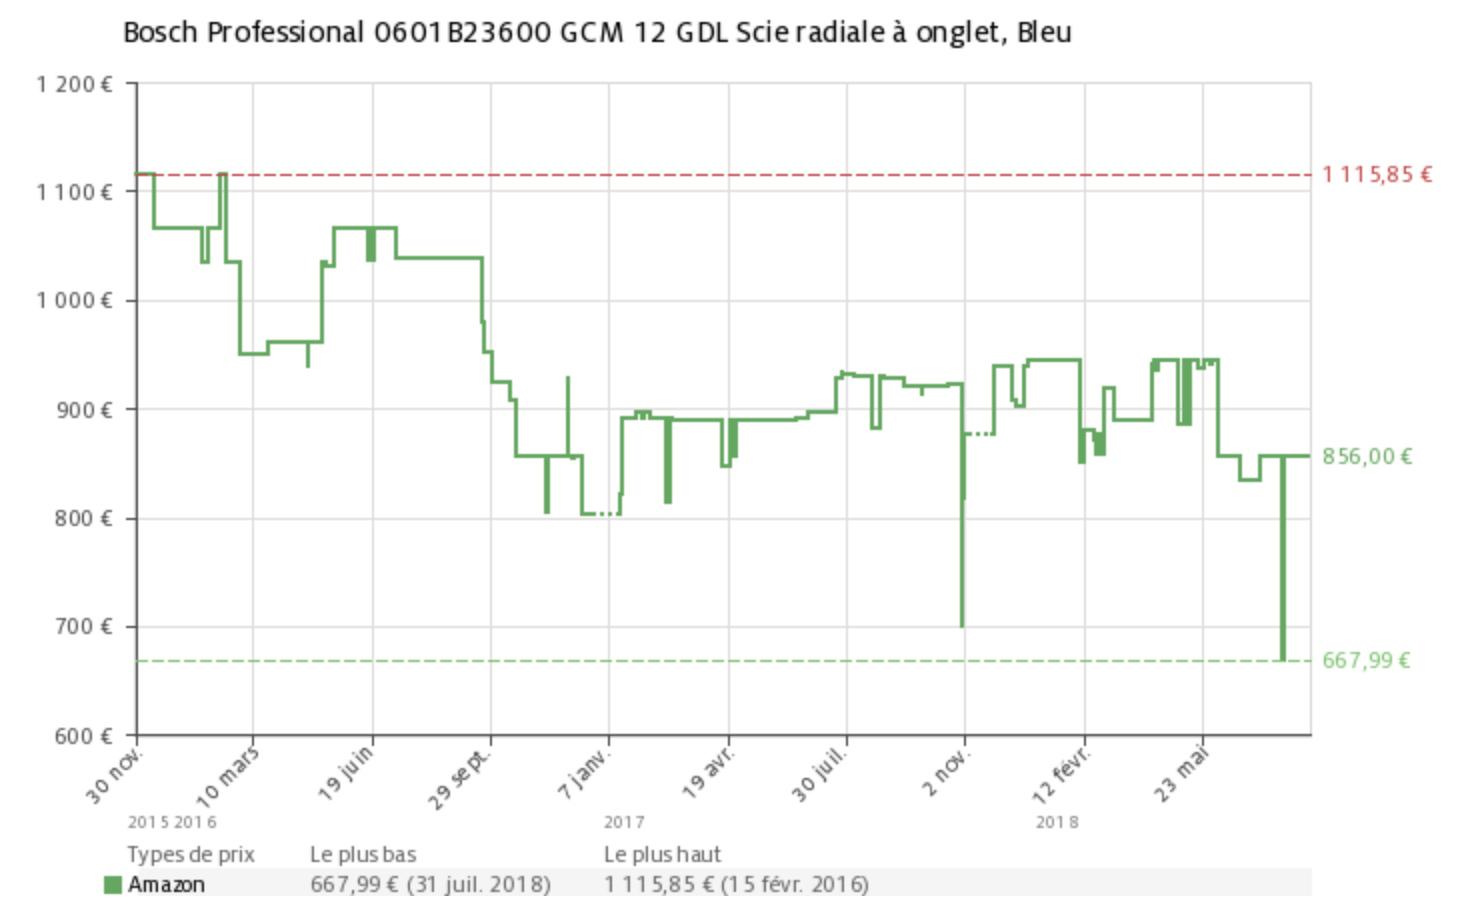 Evolution du prix de la scie Bosch GCM 12 GDL